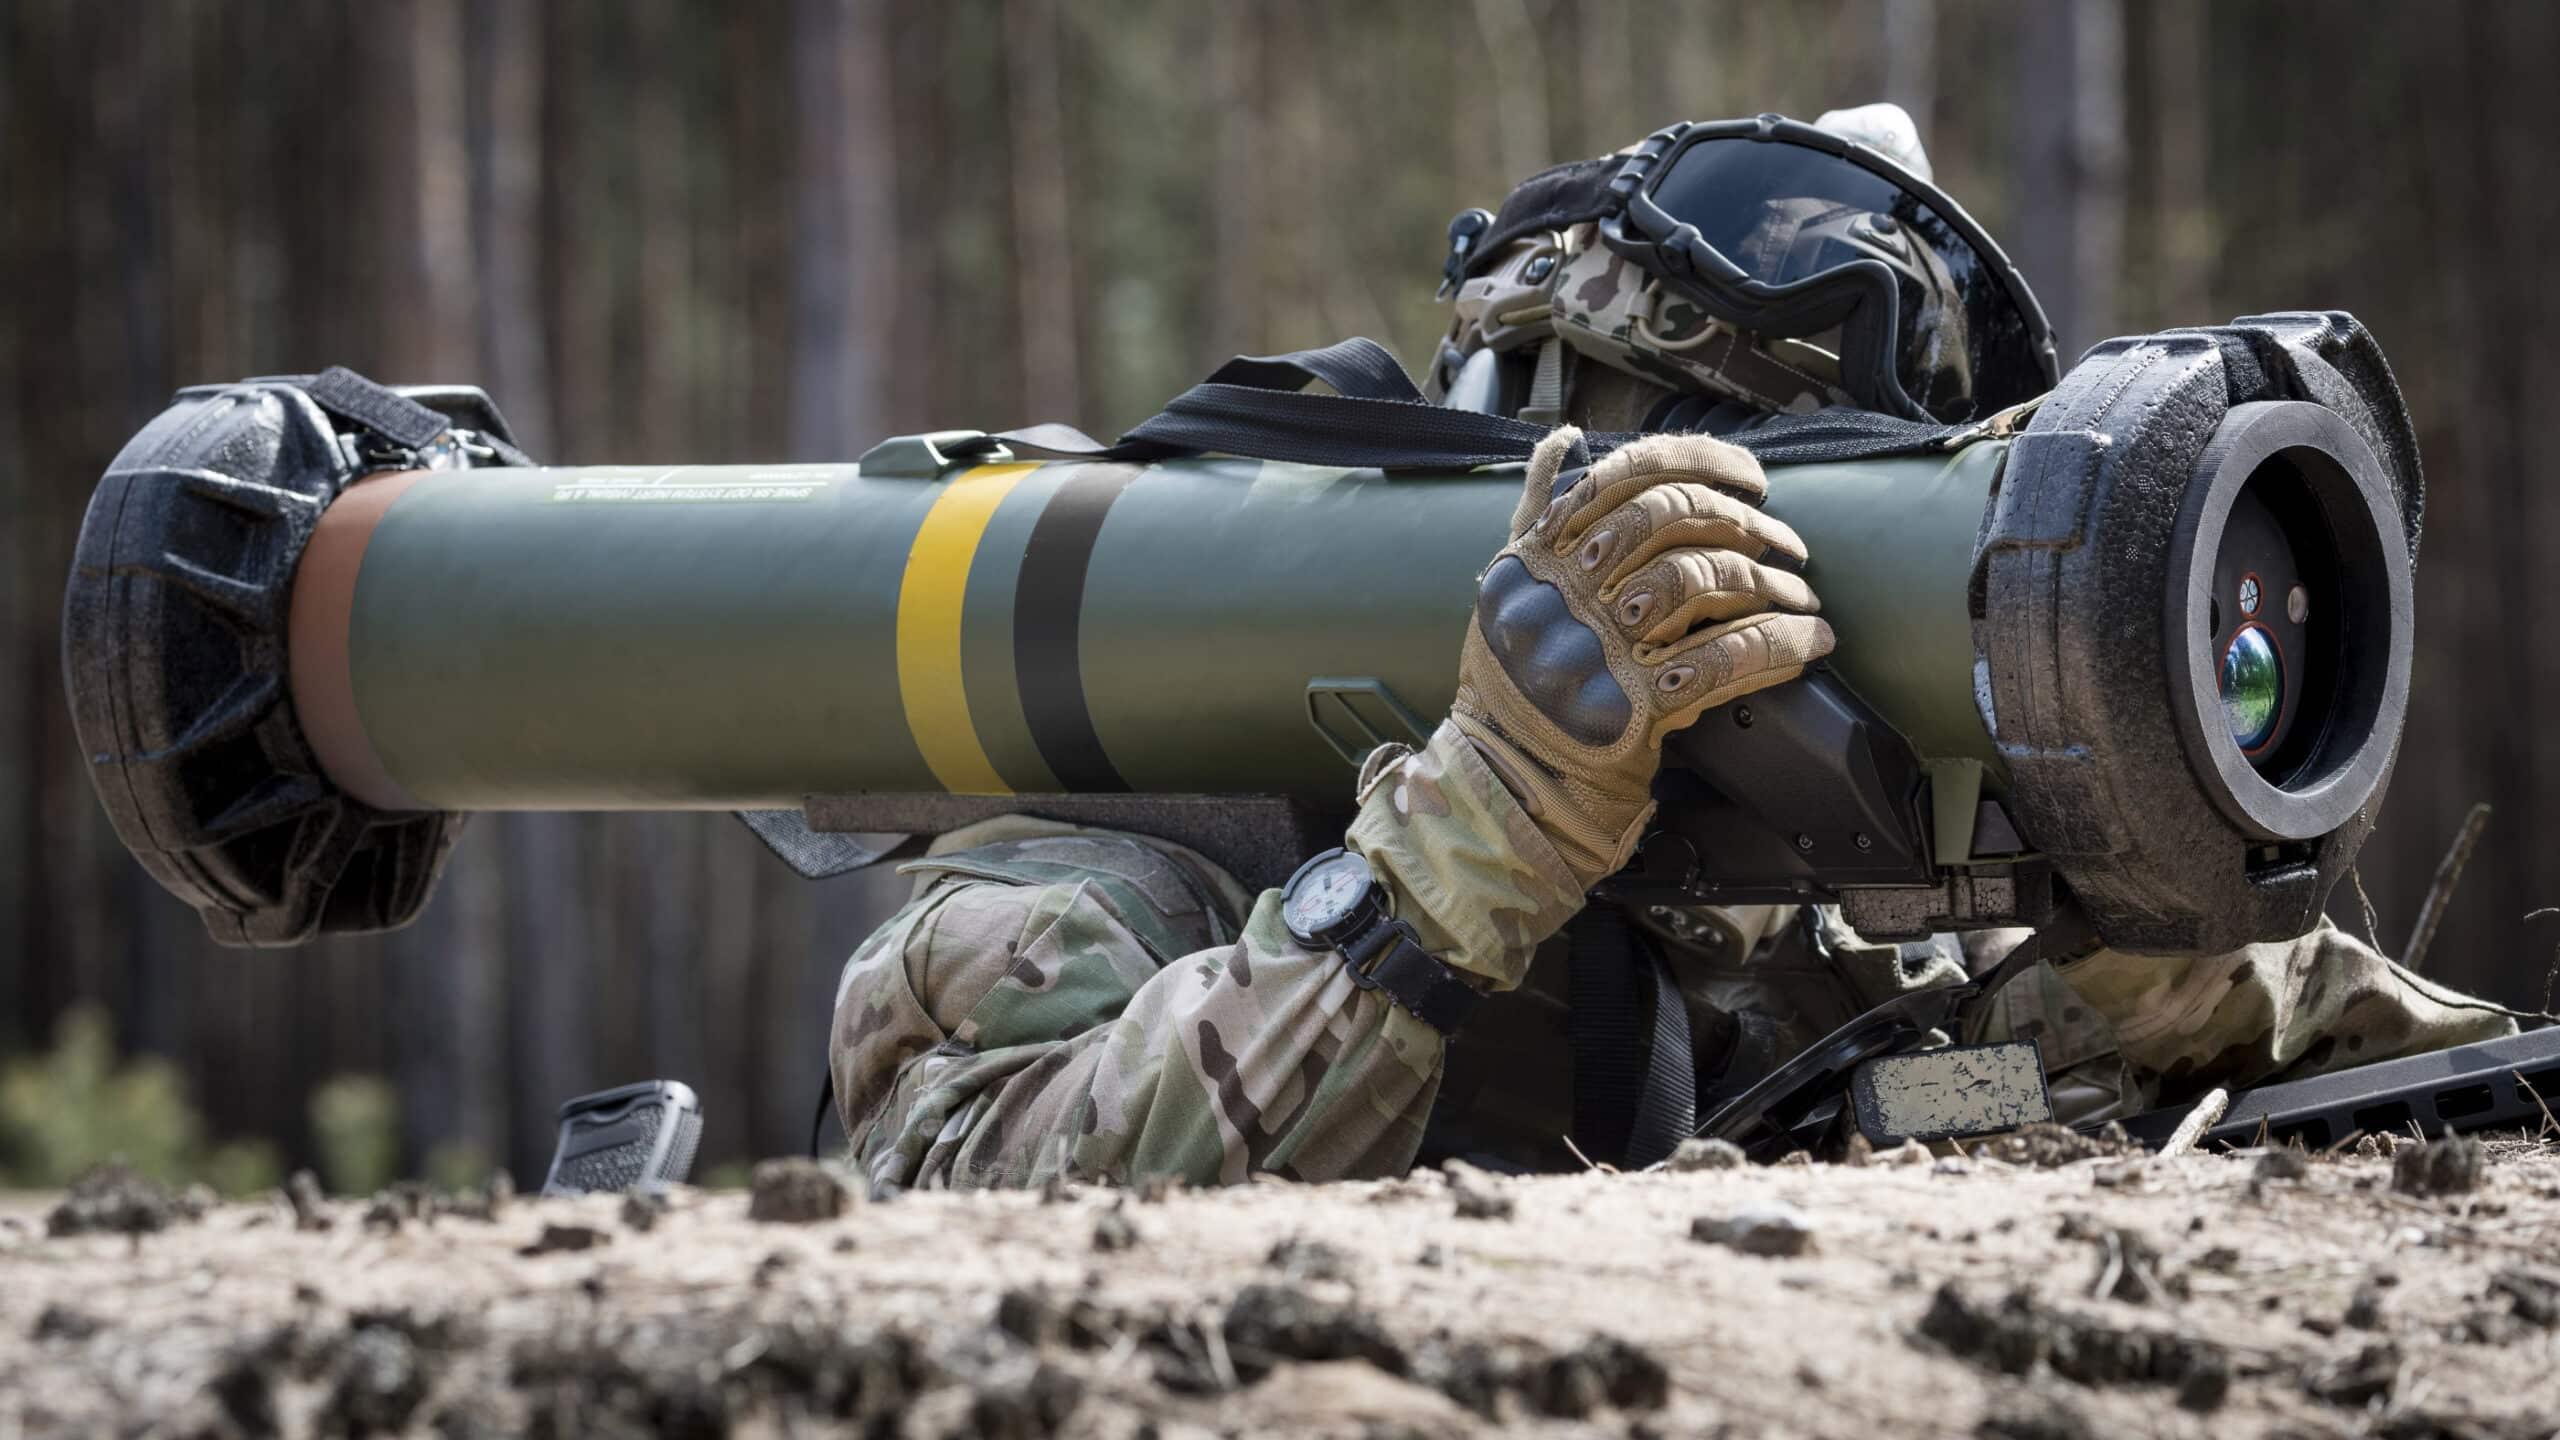 الجيش الإستوني يطلق بنجاح صواريخ موجهة من طراز EuroSpike